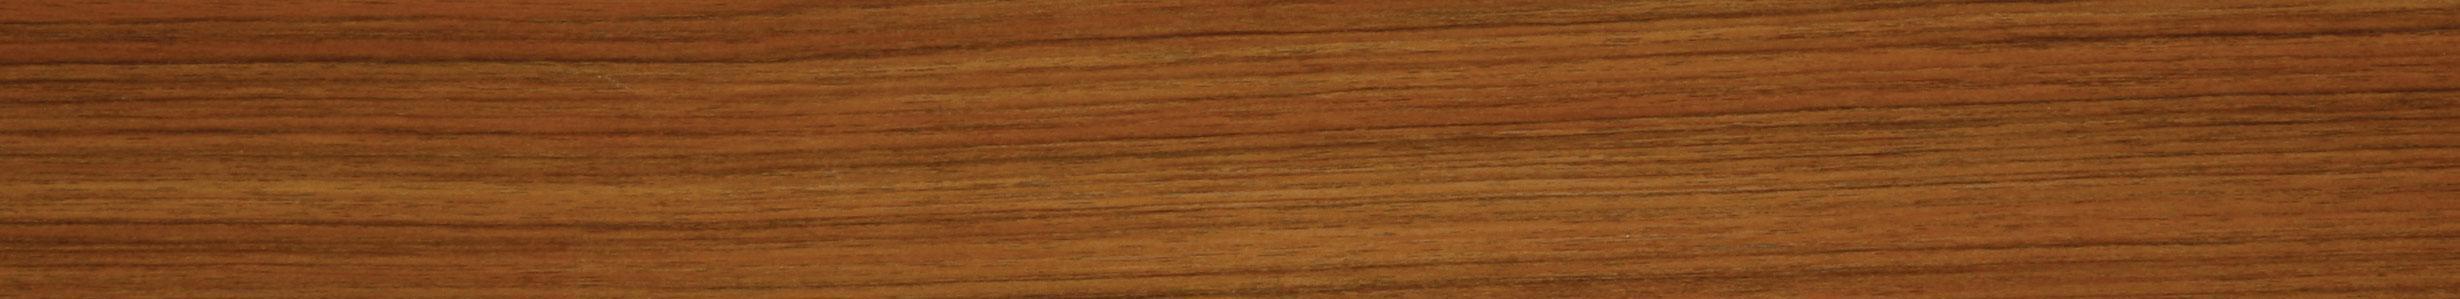 富林实木地板温哥华柚木9199柚木9199